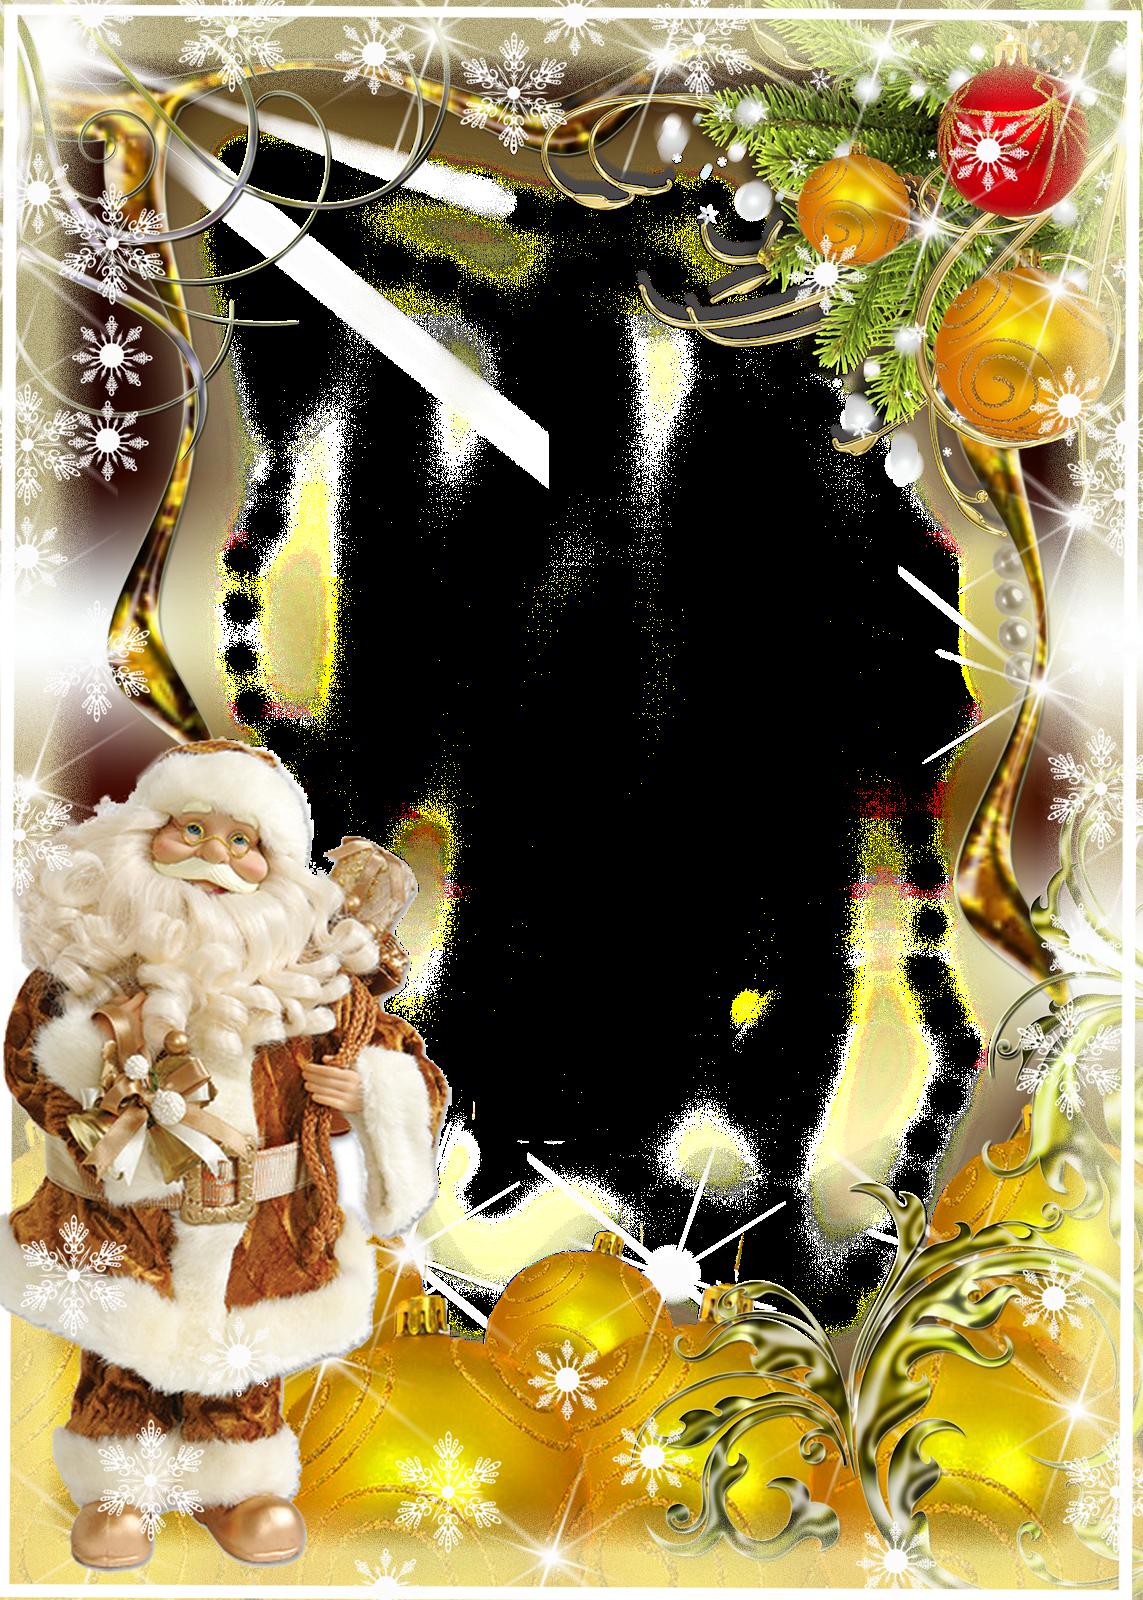 Pin de Cattleya white en NAVIDAD Y AÑO NVO | Pinterest | Años y Navidad